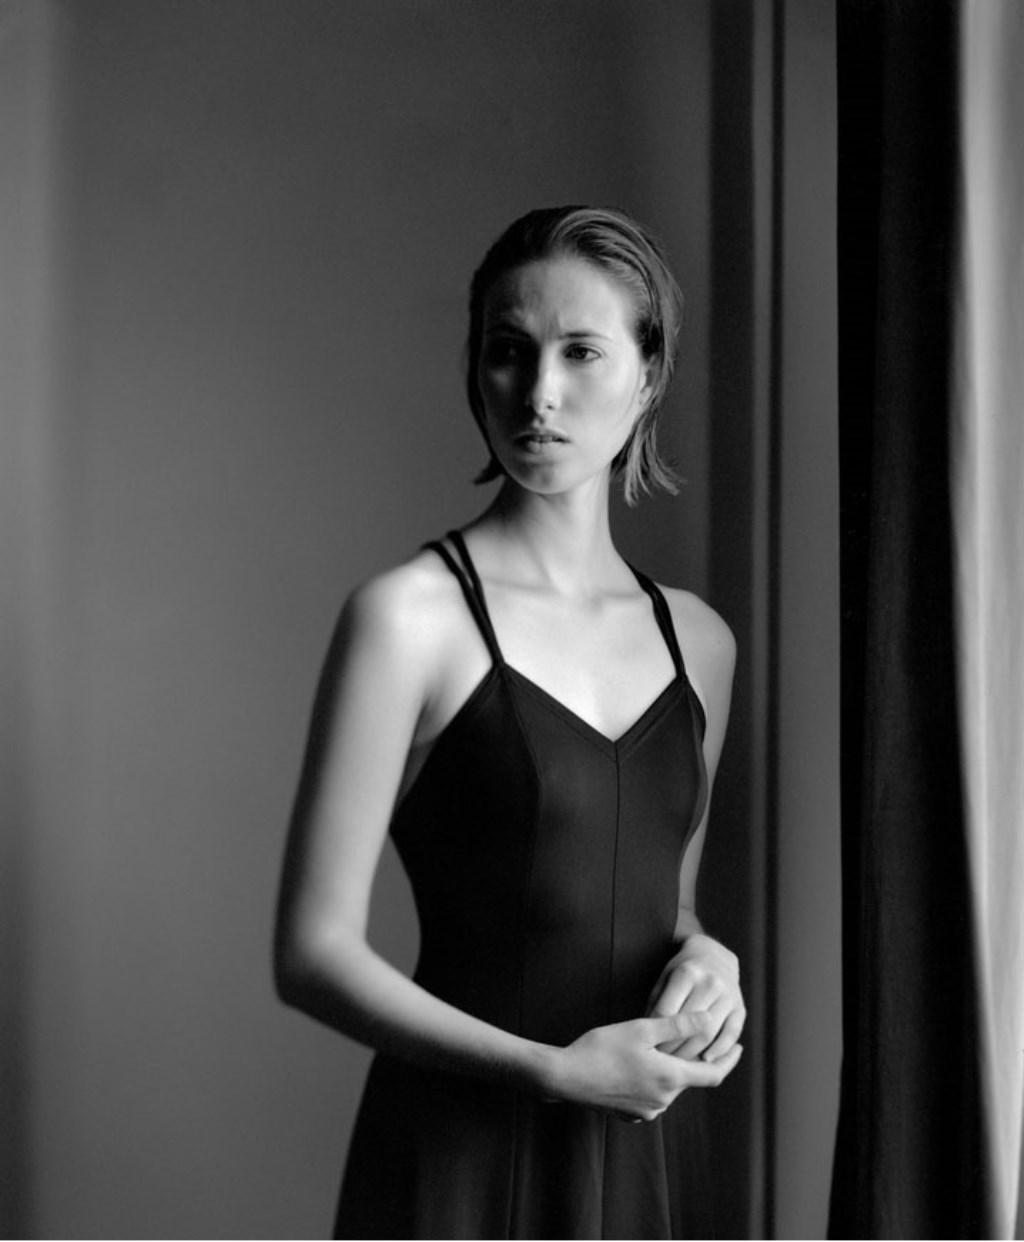 Paul van Bueren maakt portretten met daarin ruimte voor menselijke emoties.